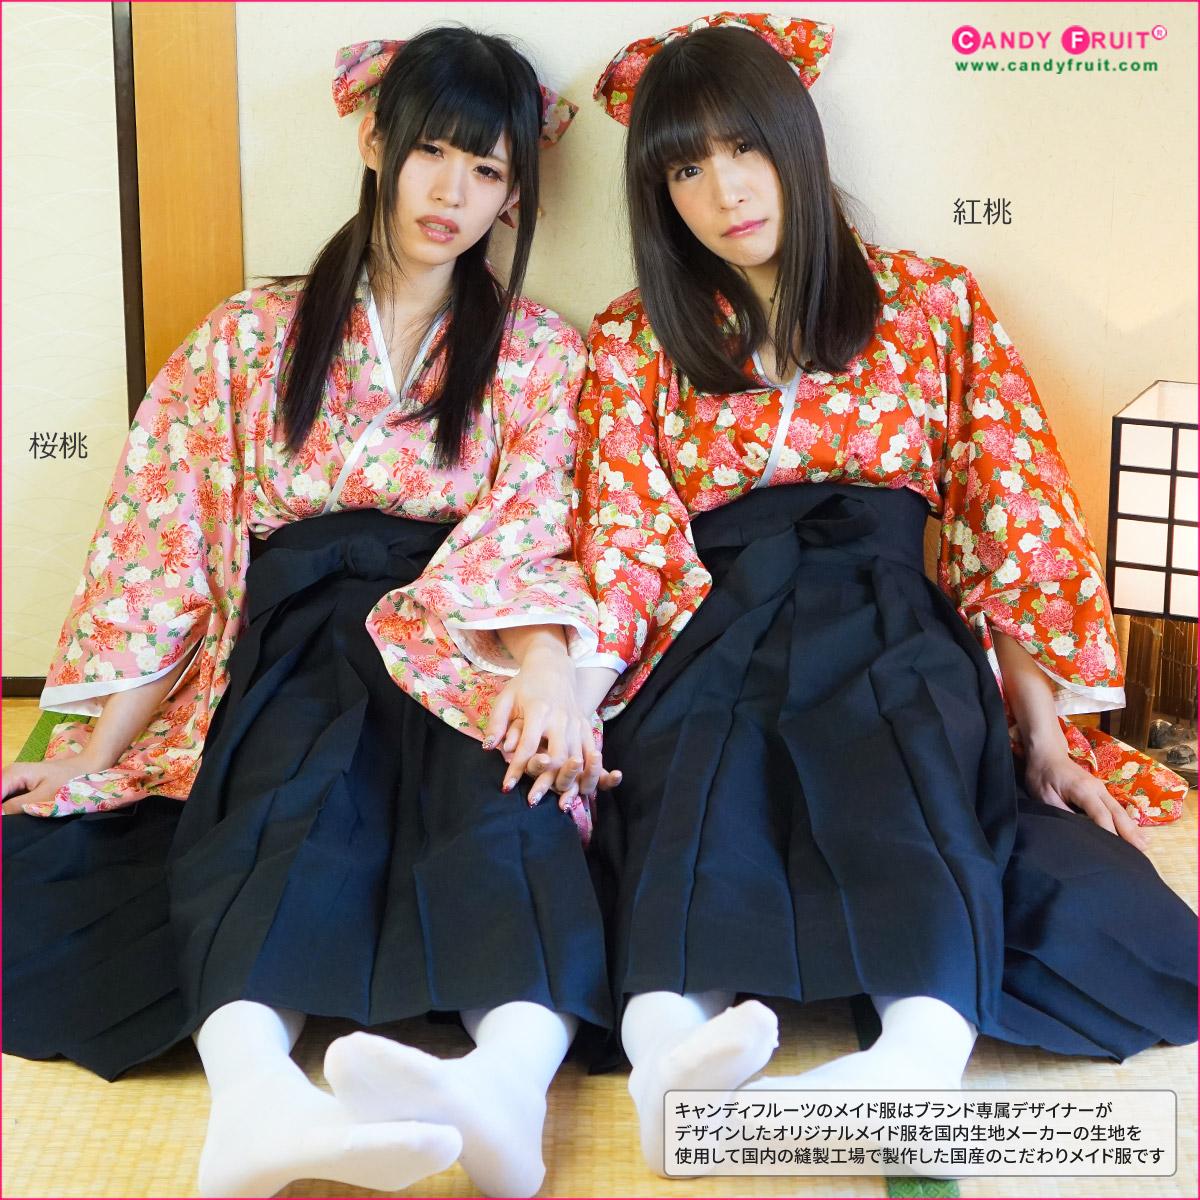 ハイカラロングメイド服(黒豆)